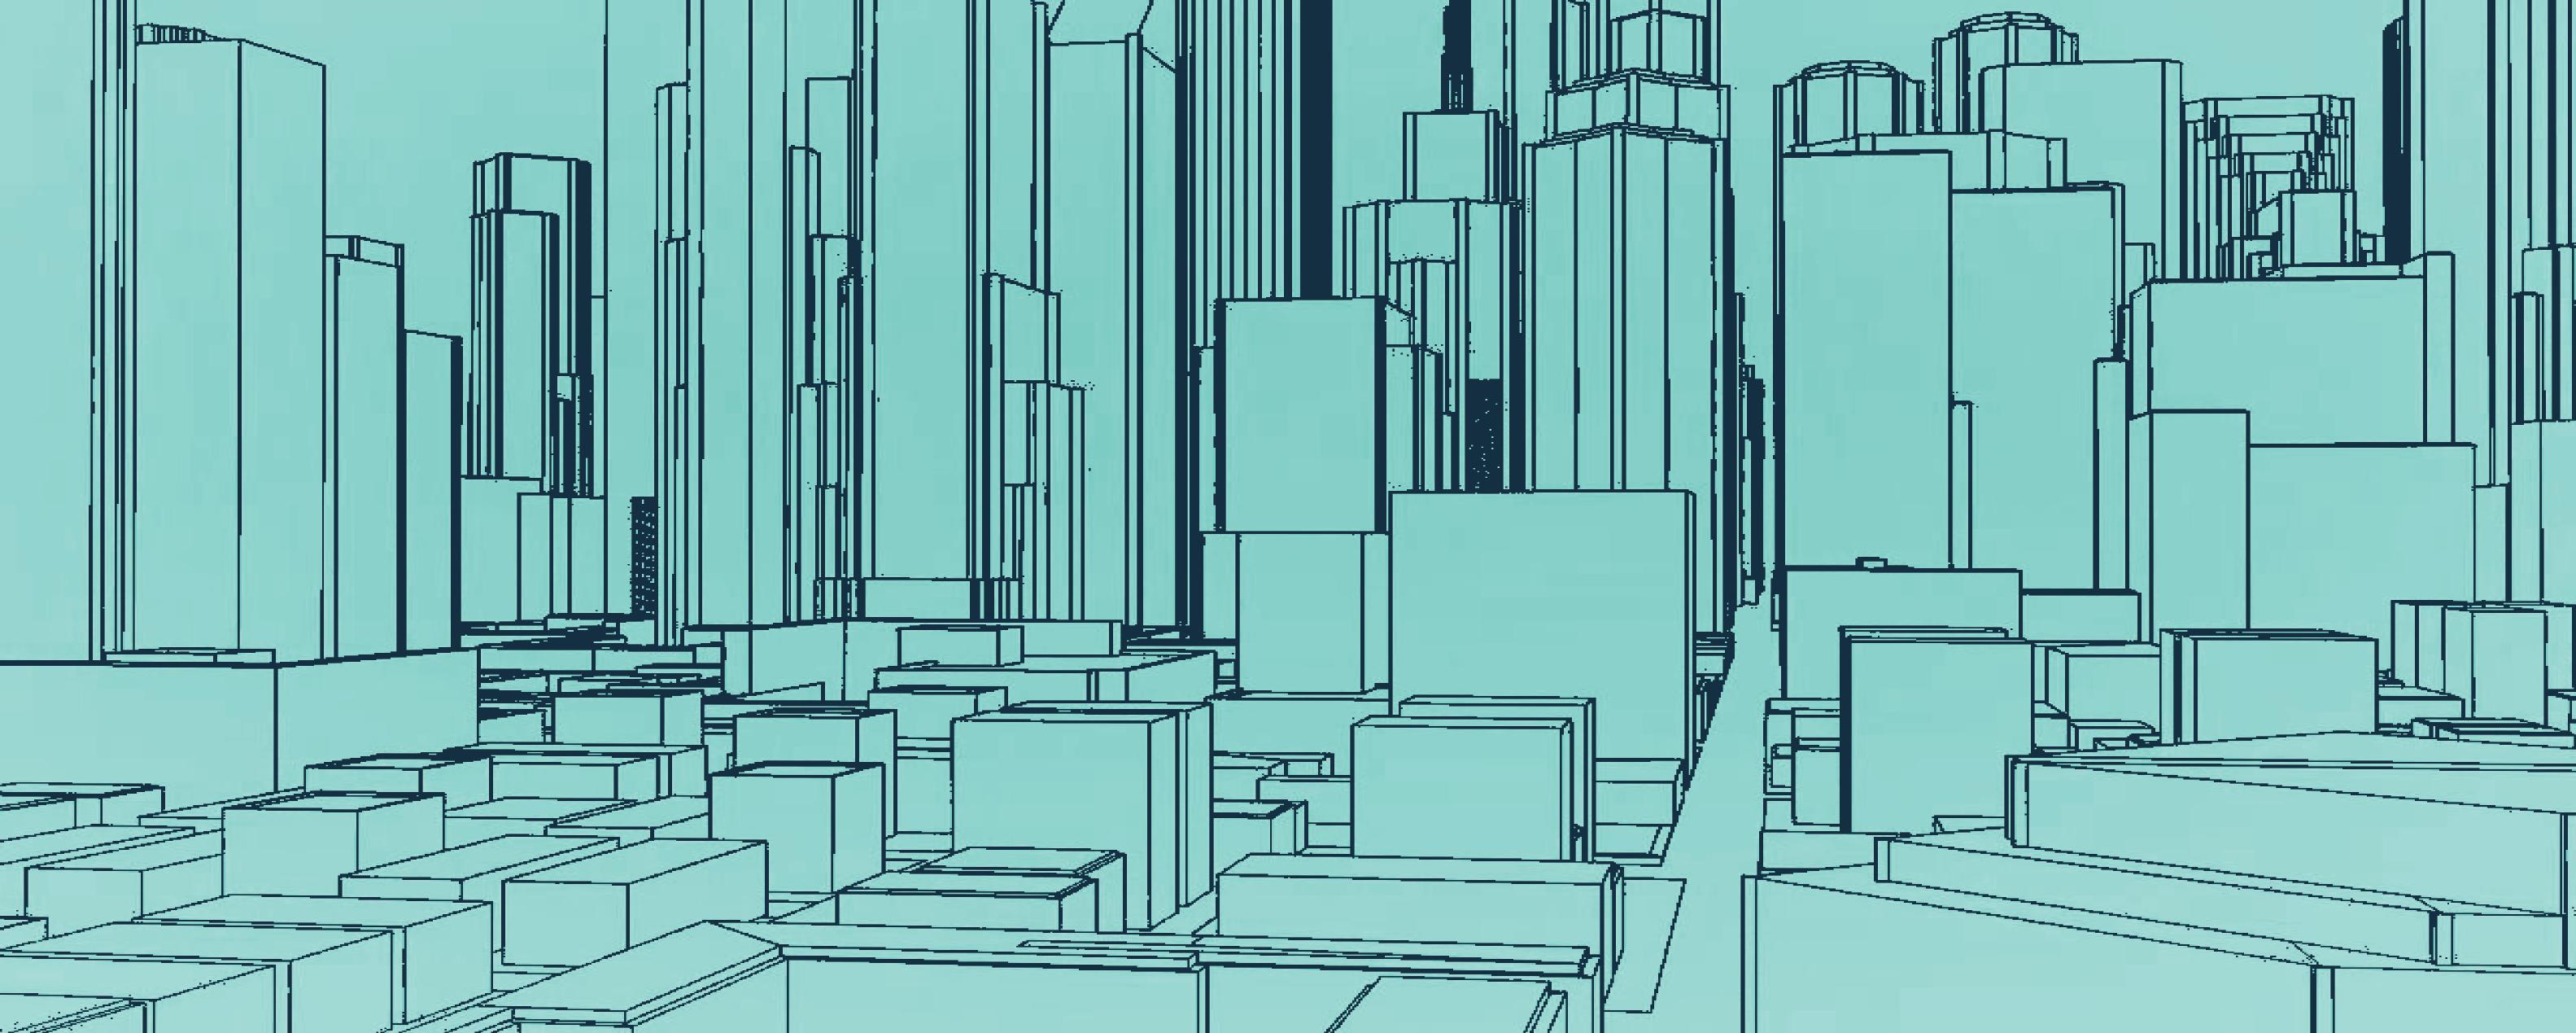 city-take-two